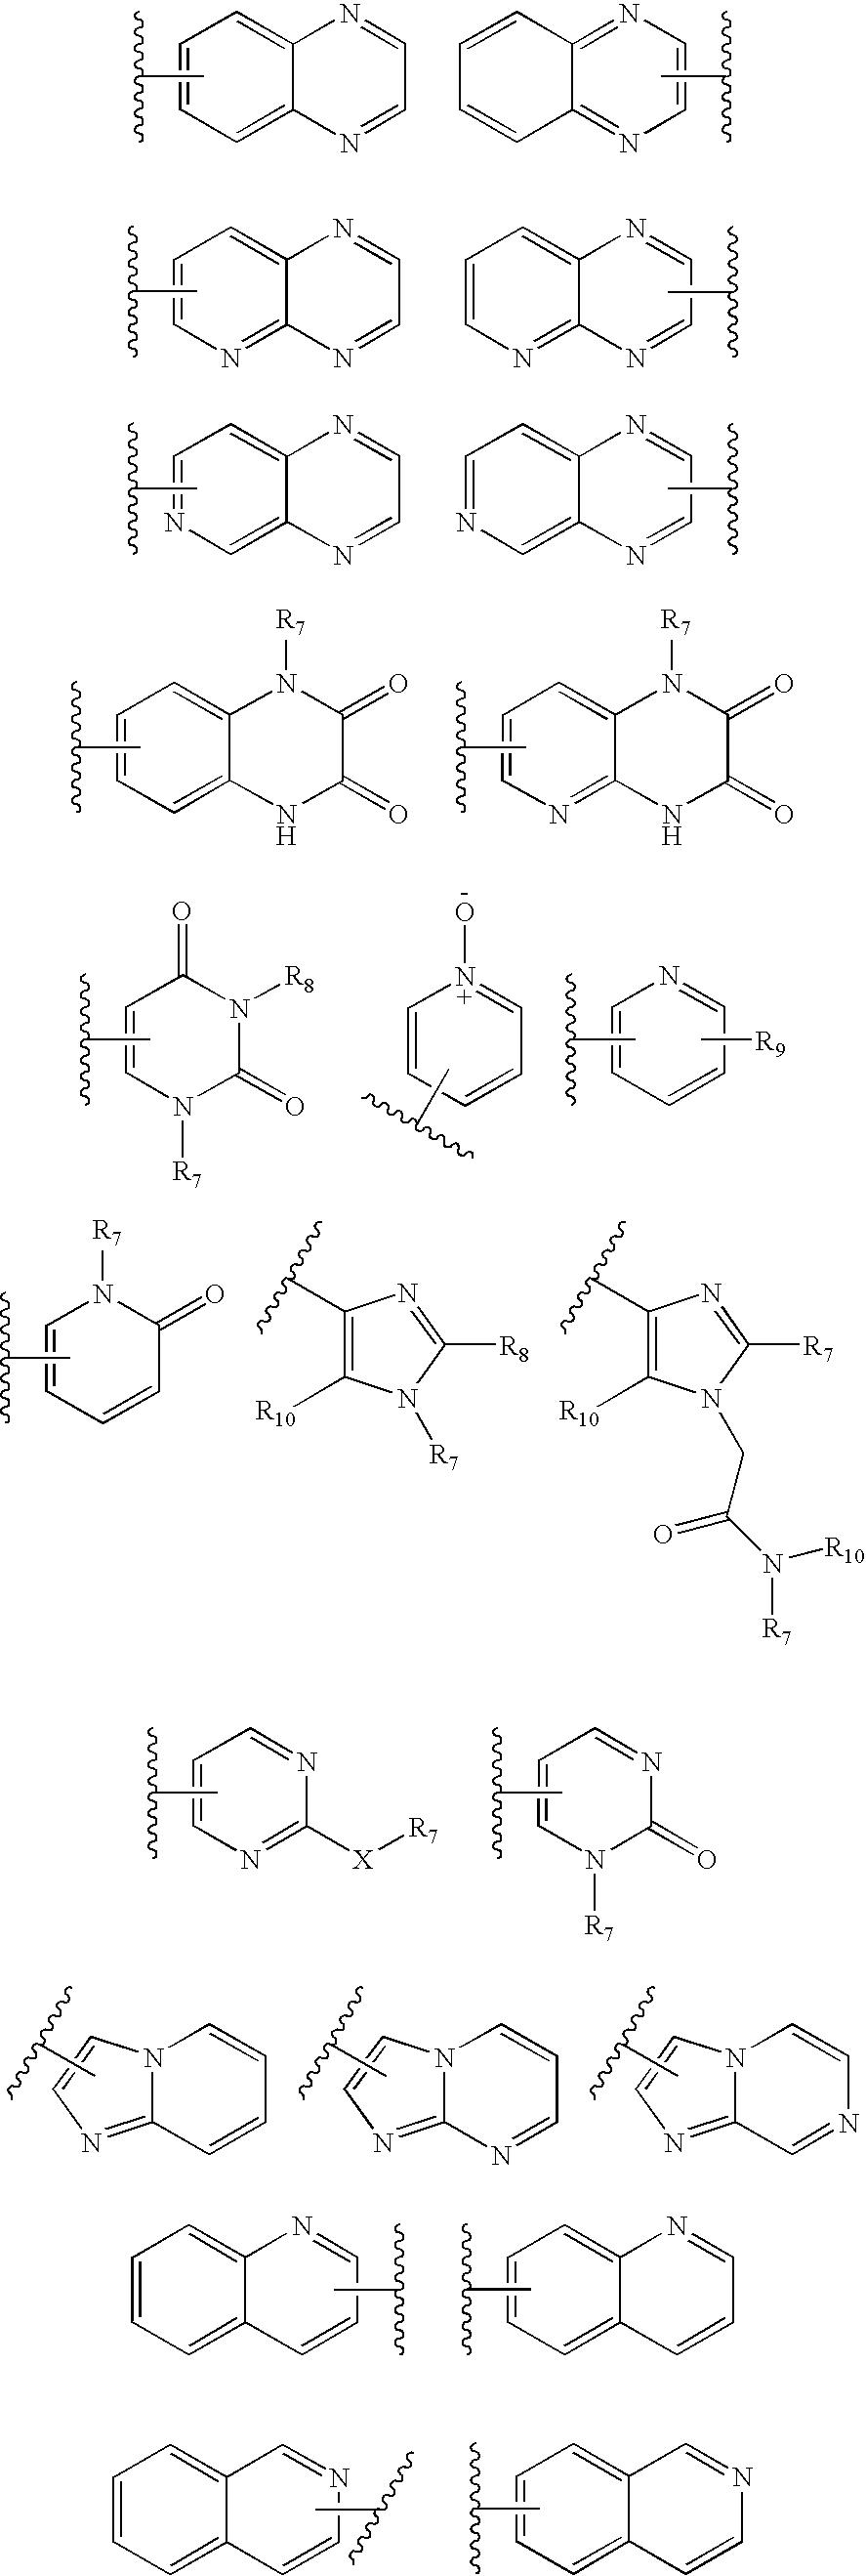 Figure US07531542-20090512-C00143